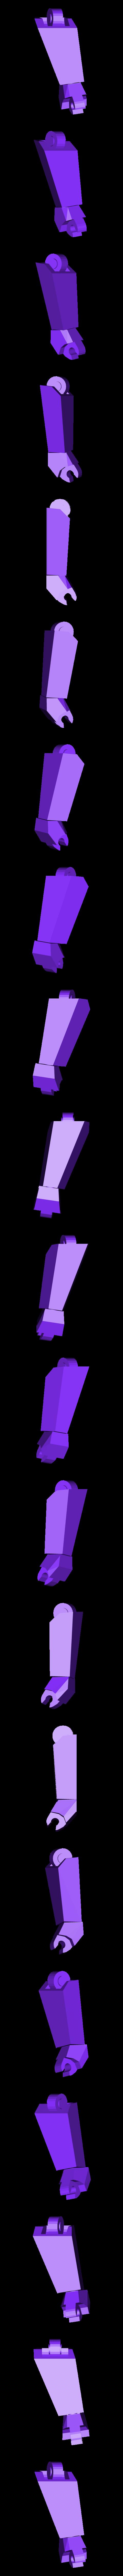 mq-left forearm-new.stl Télécharger fichier STL gratuit Les Macaques de Formose pour l'année Bing-shen • Plan imprimable en 3D, Amao